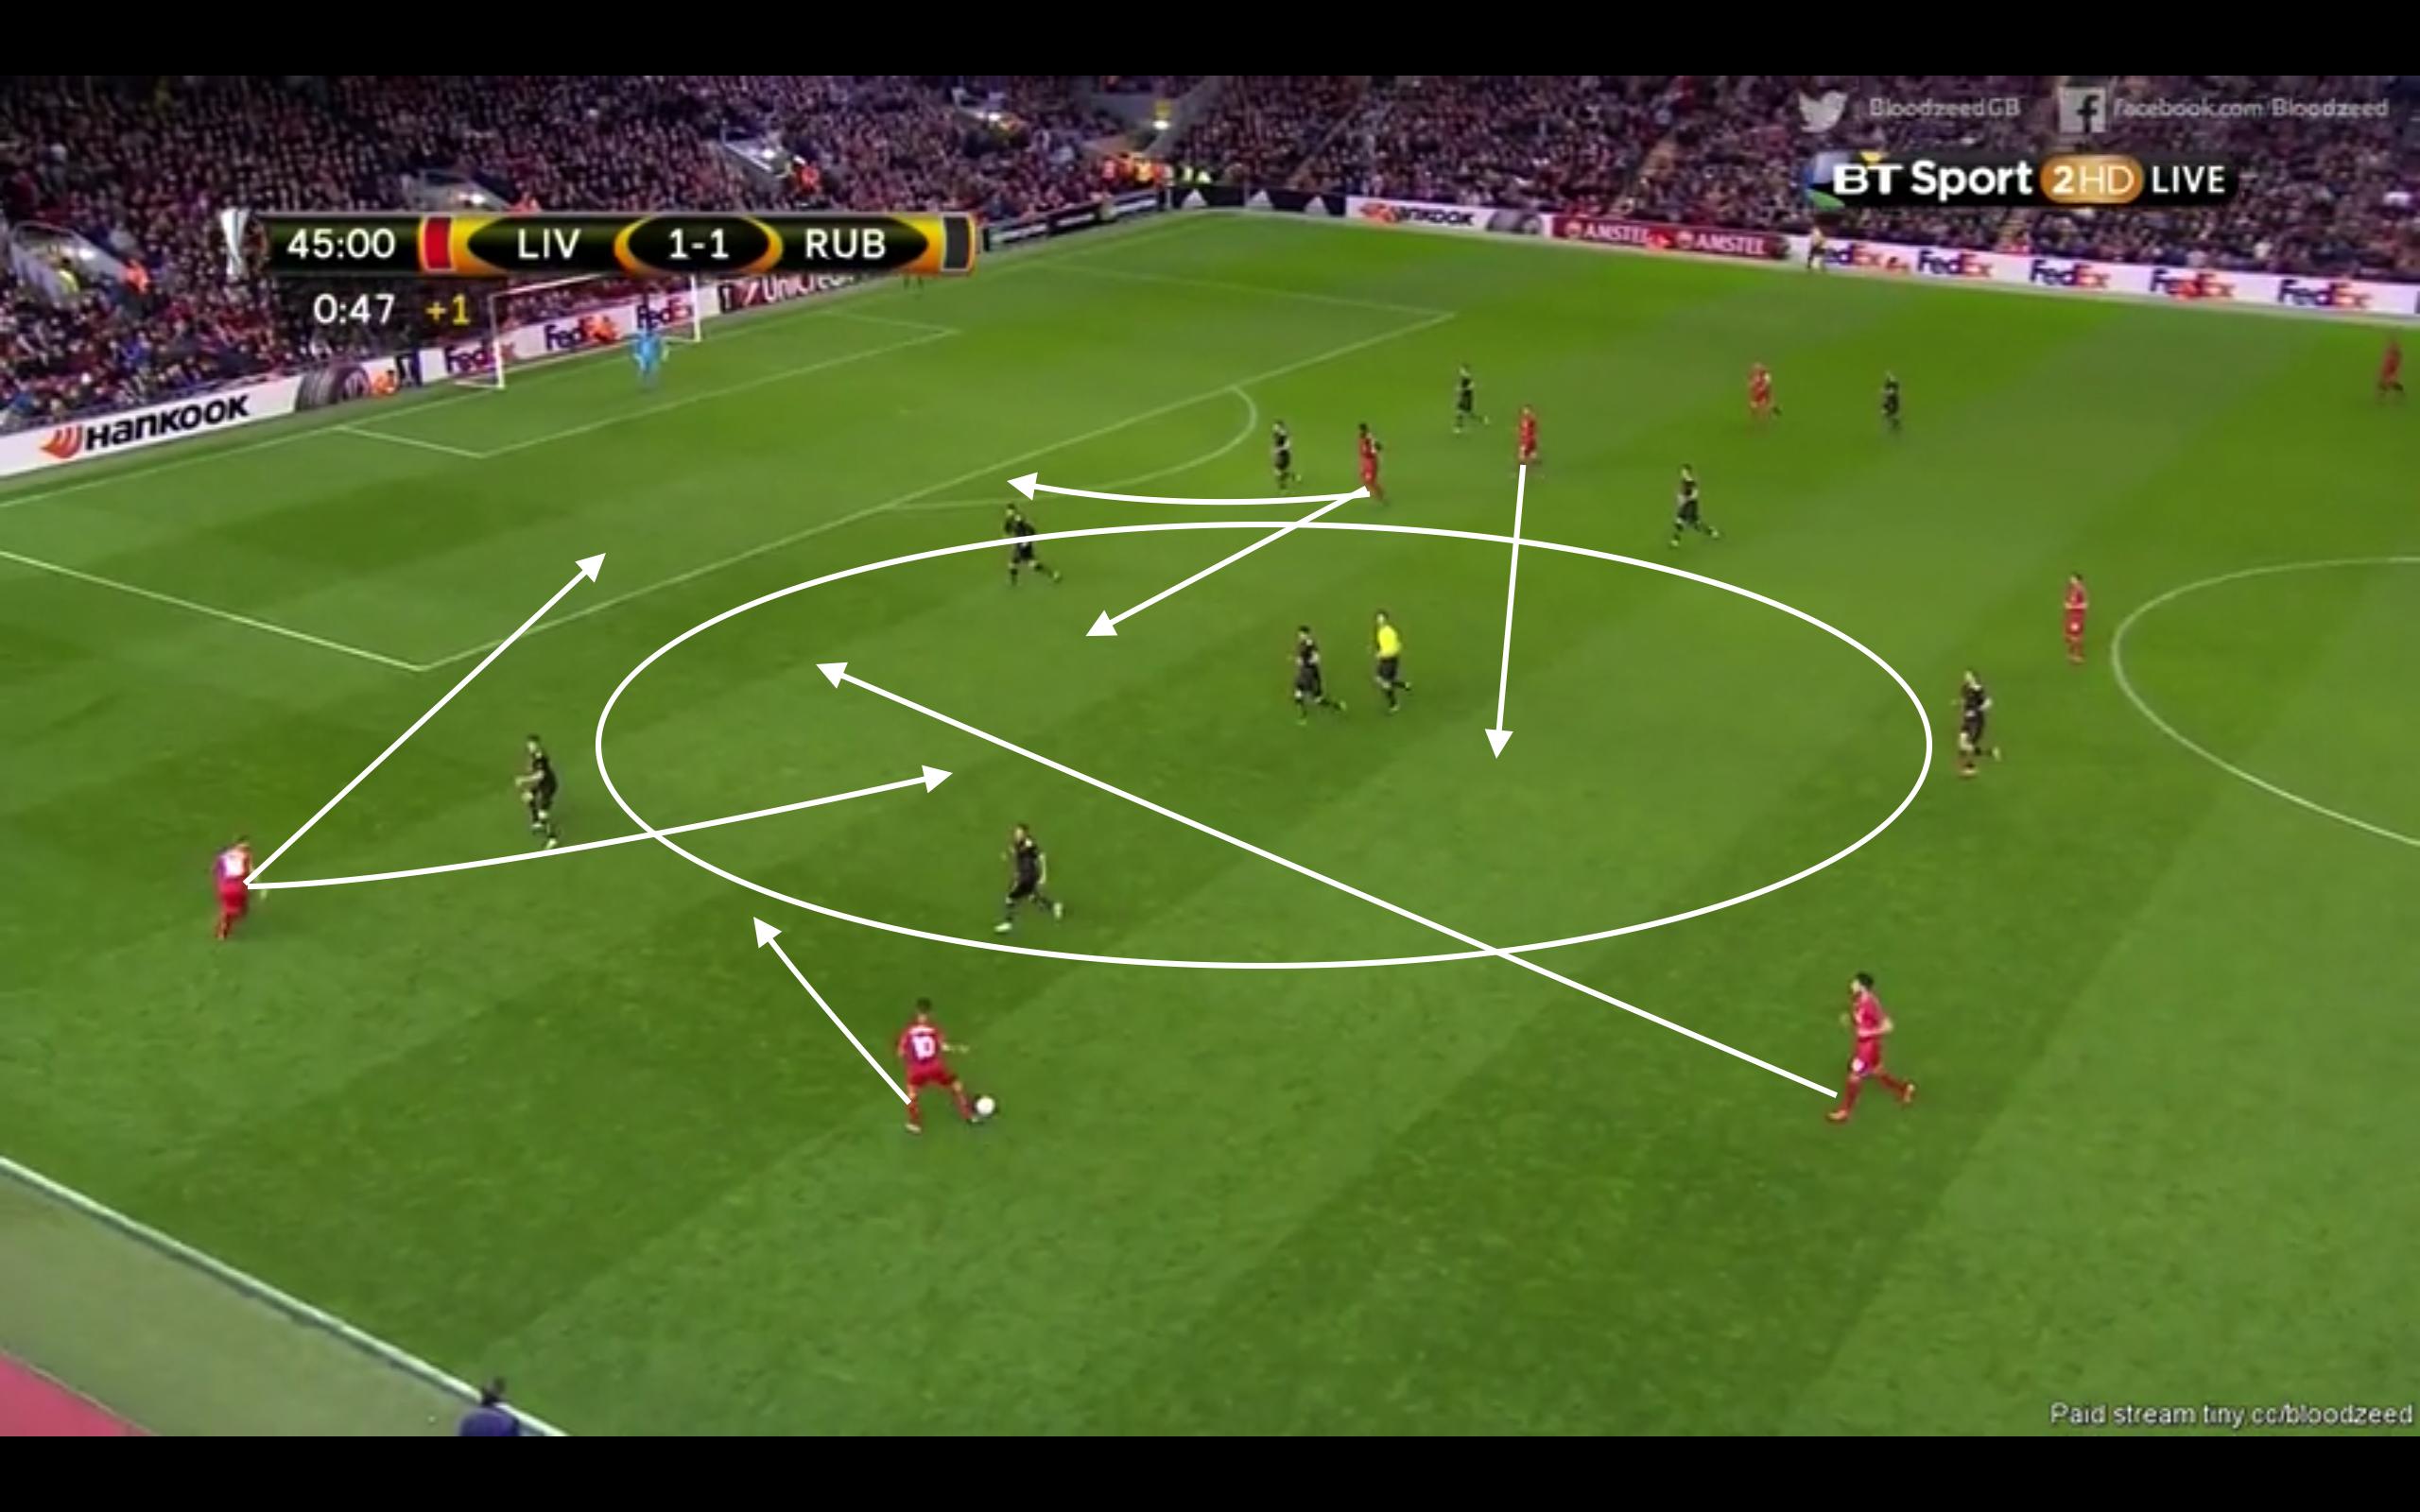 Moreno steht breit, Can steht sehr tief und Coutinho hat sich den Ball außerhalb der gegnerischen Formation abgeholt. Das Zentrum ist nicht besetzt. Lallana und Origi schieben nicht nach und man kann kaum in die gegnerische Formation eindringe. Das Spiel ist am Flügel isoliert.